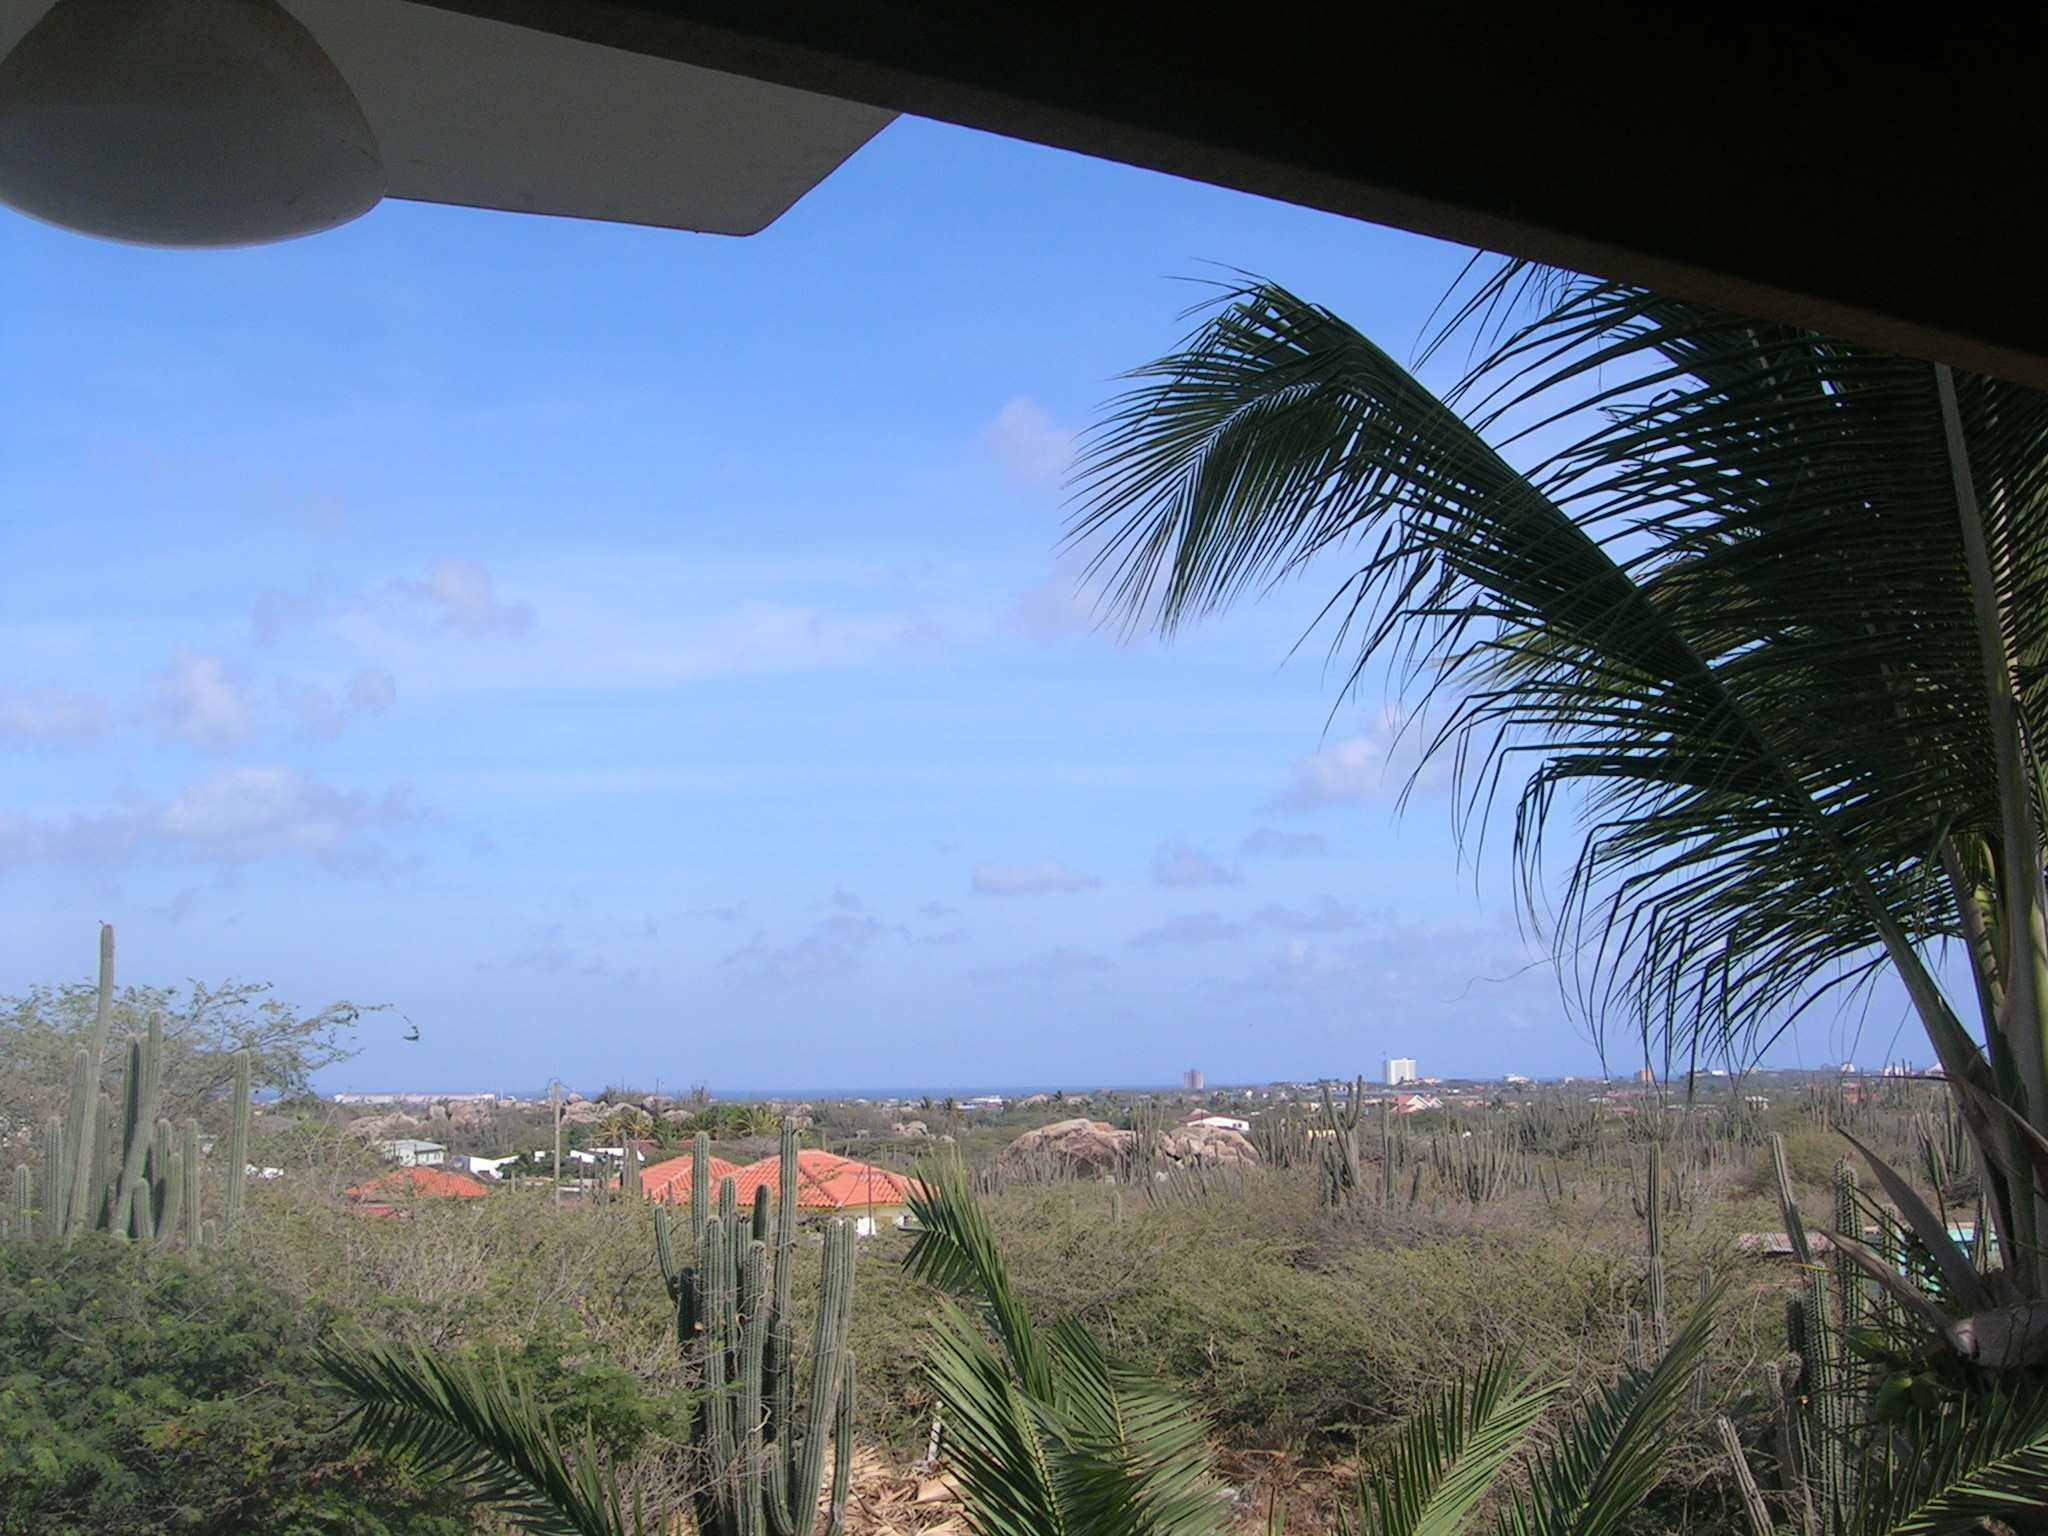 Luchthaven Aruba Voor 200 Miljoen Dollar Uitgebreid